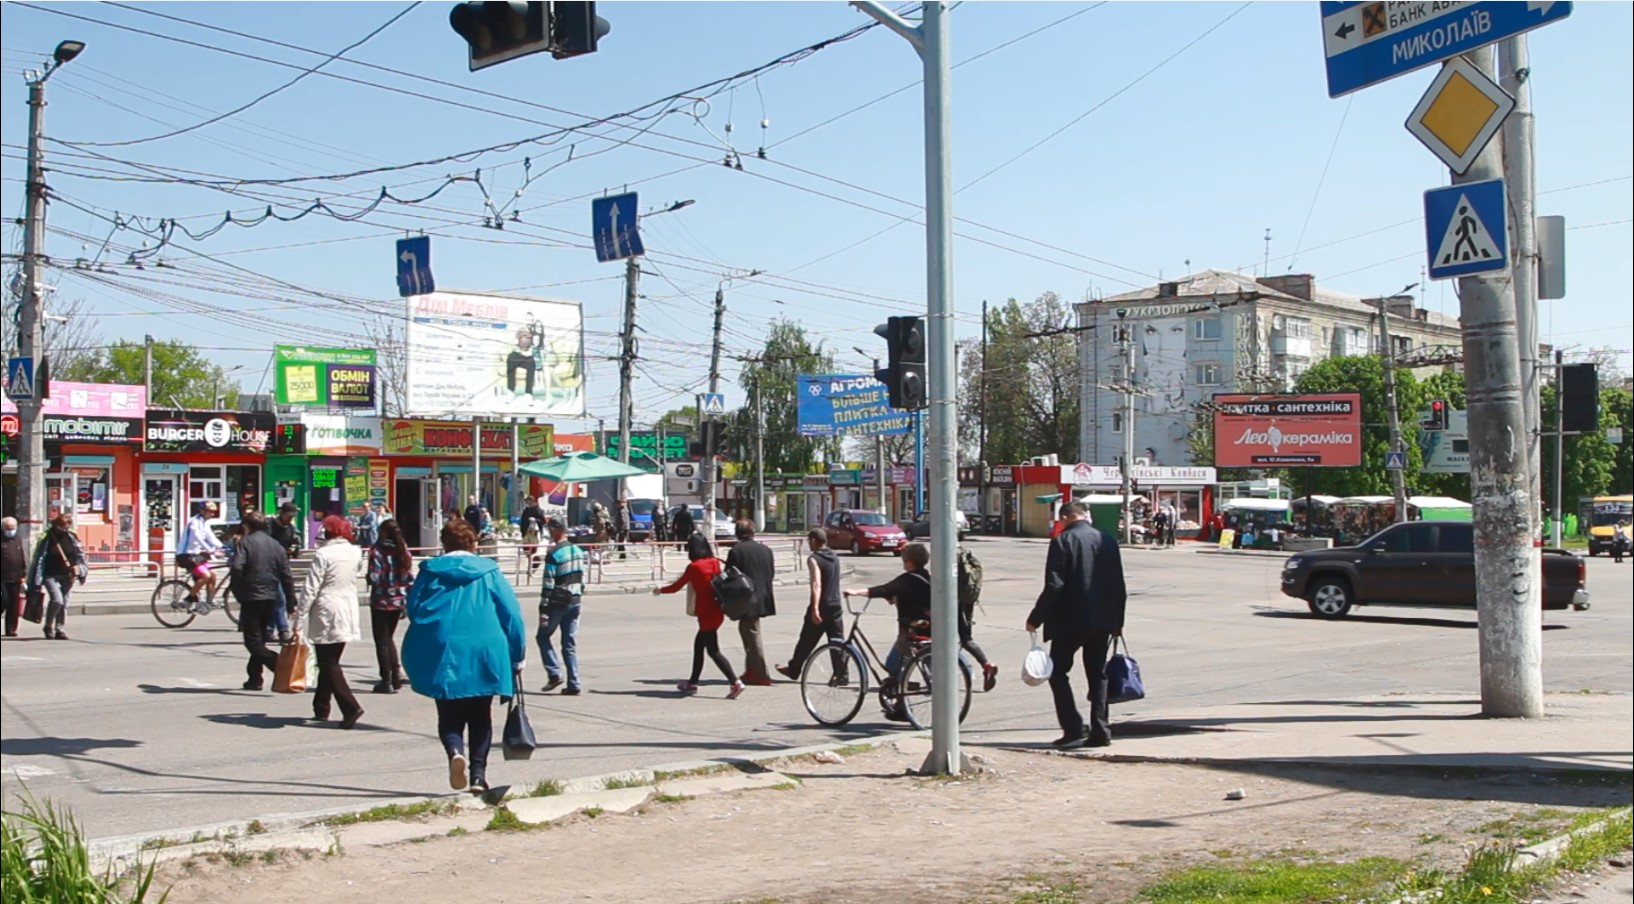 Понад 40 ДТП за участю пішоходів зареєстрували на Кіровоградщині. Які штрафи загрожують порушникам (ФОТО)